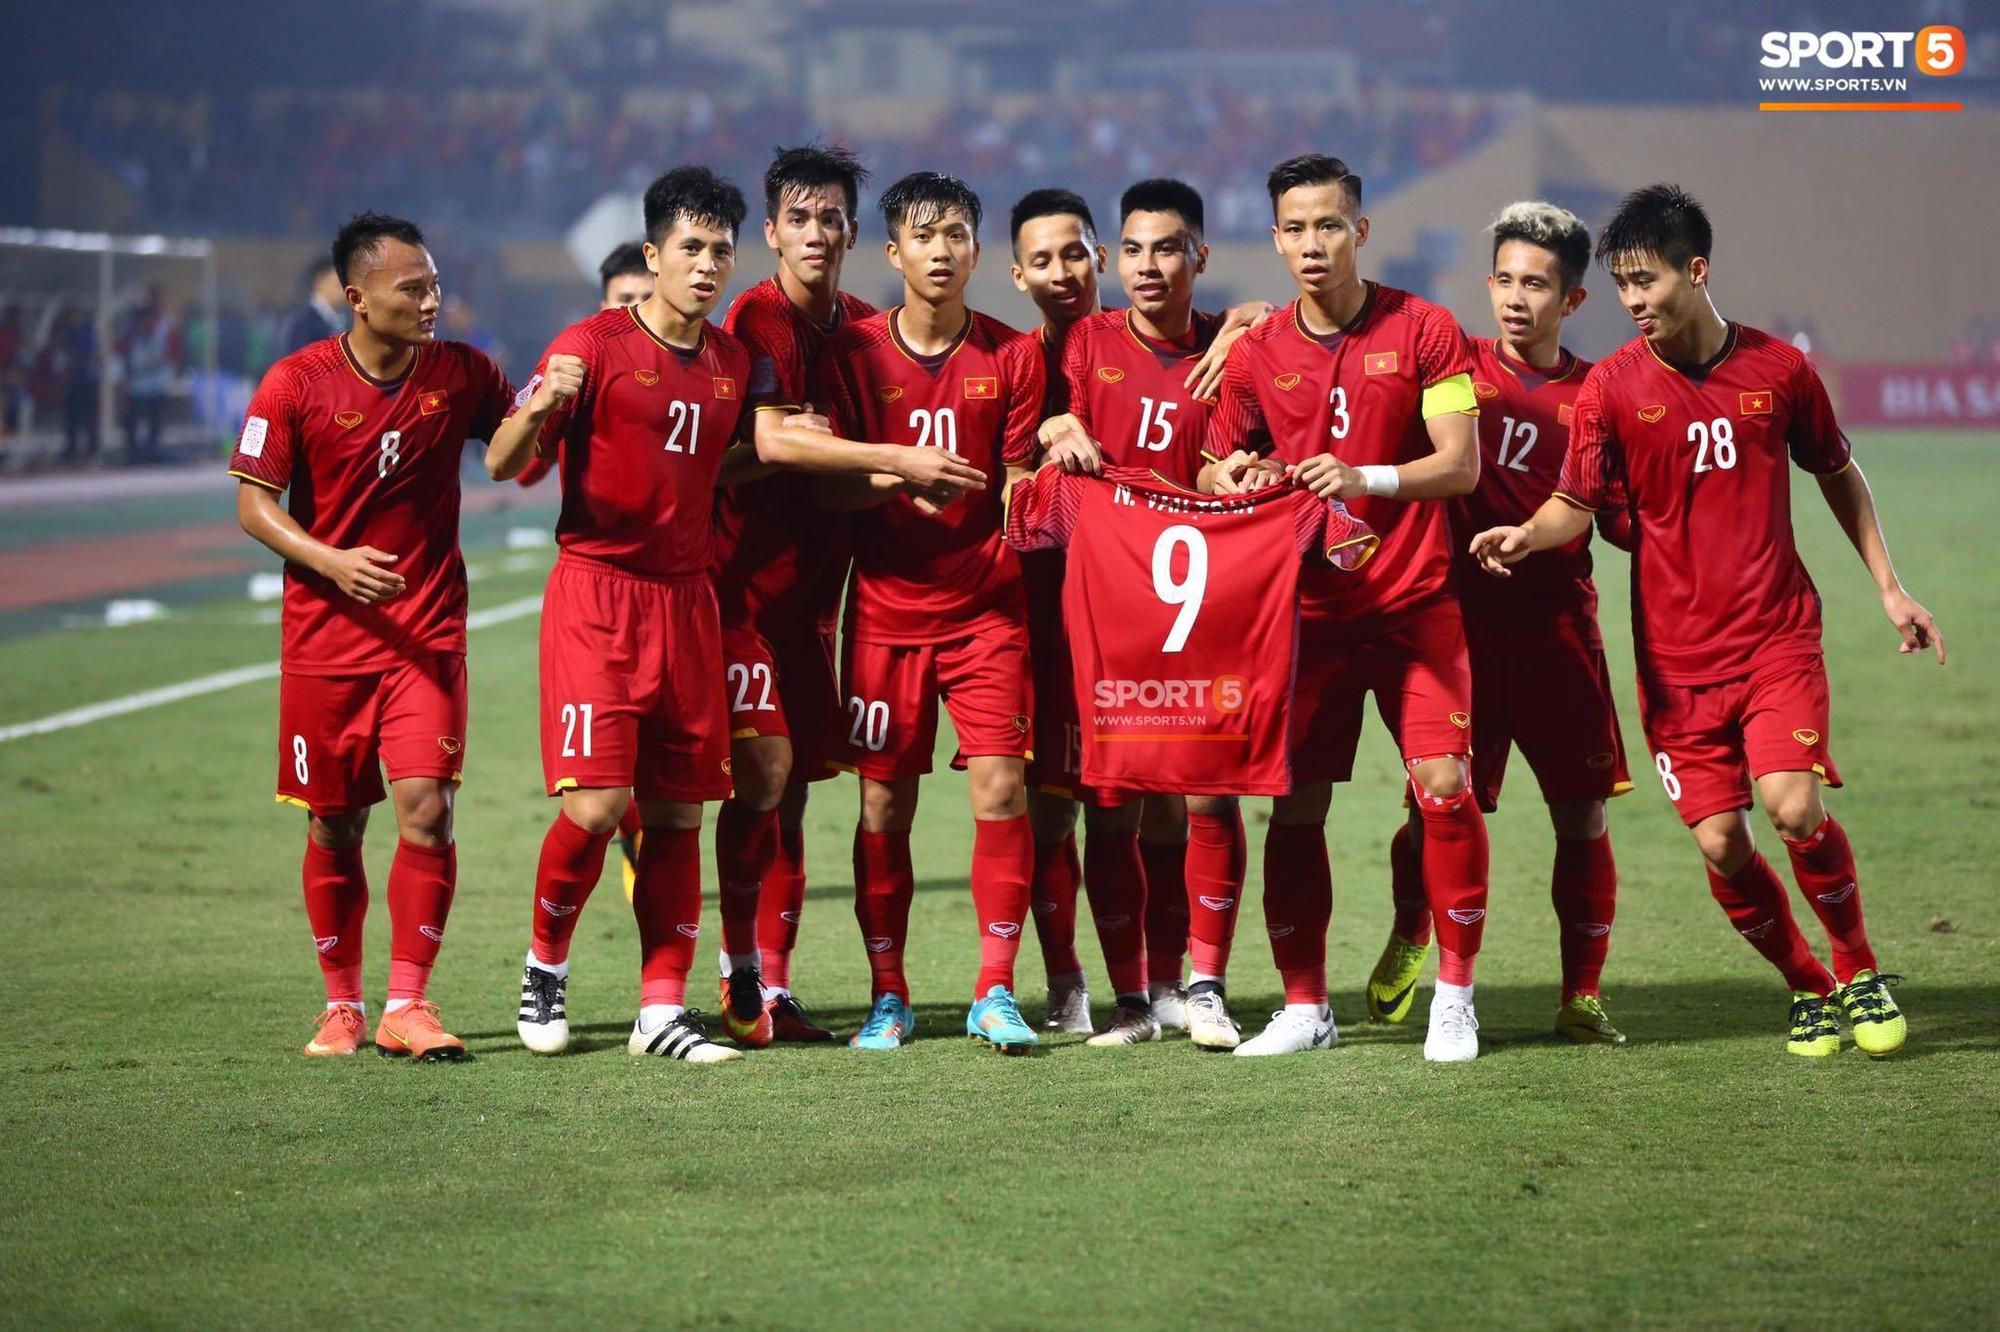 Trước đó, toàn đội ăn mừng bàn thắng vào lưới Campuchia bằng hành động đầy ý nghĩa này! Ảnh: Phương Thảo.